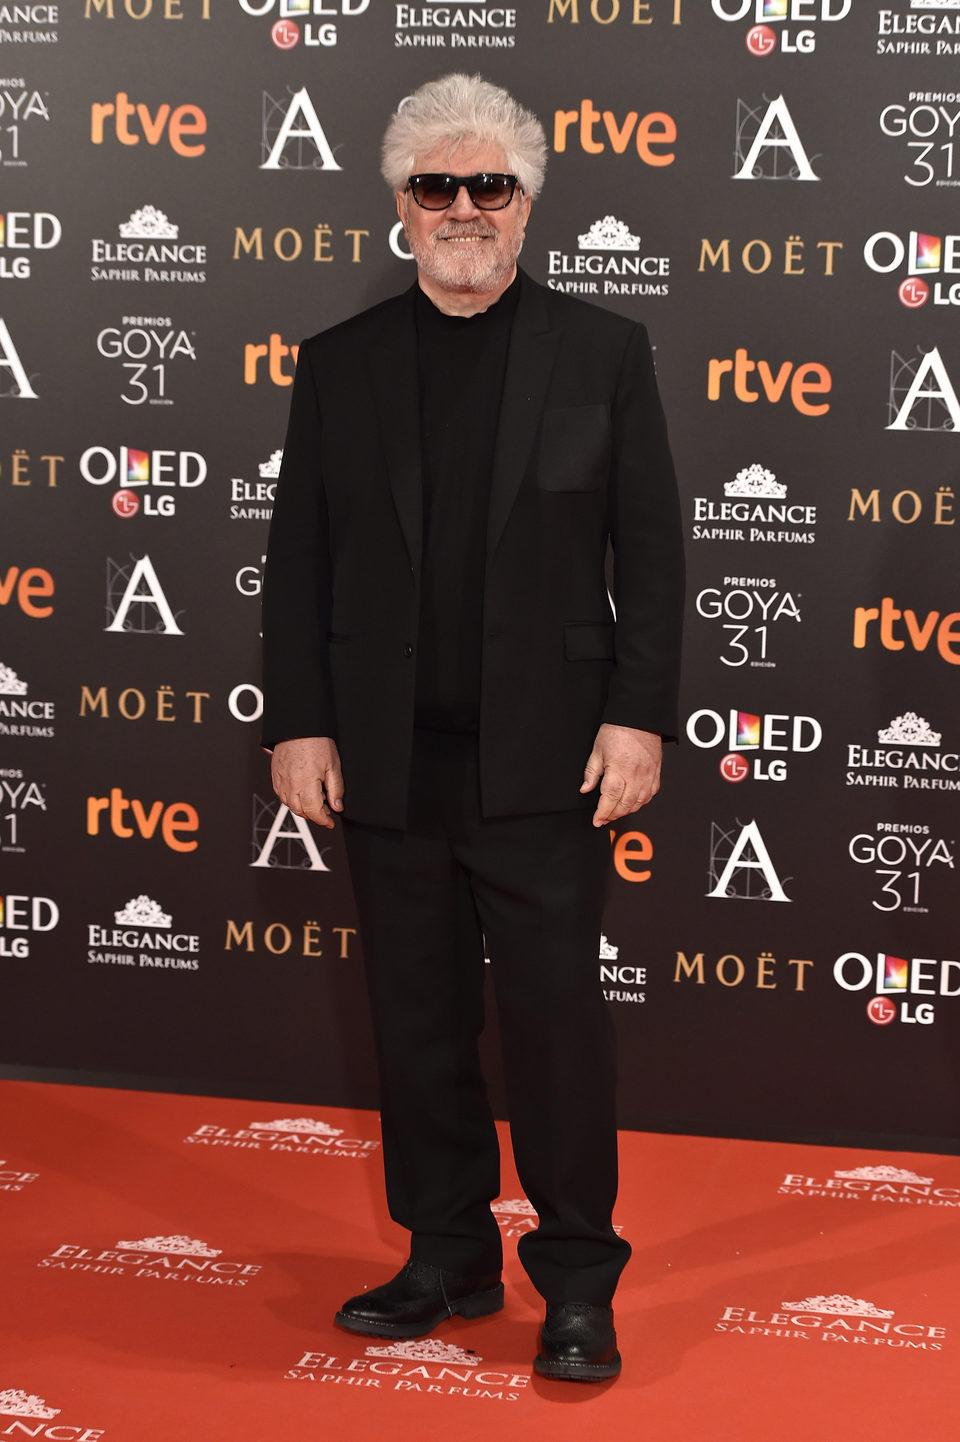 Pedro Almodóvar, el director de 'Julieta', en la alfombra roja de los Premios Goya 2017